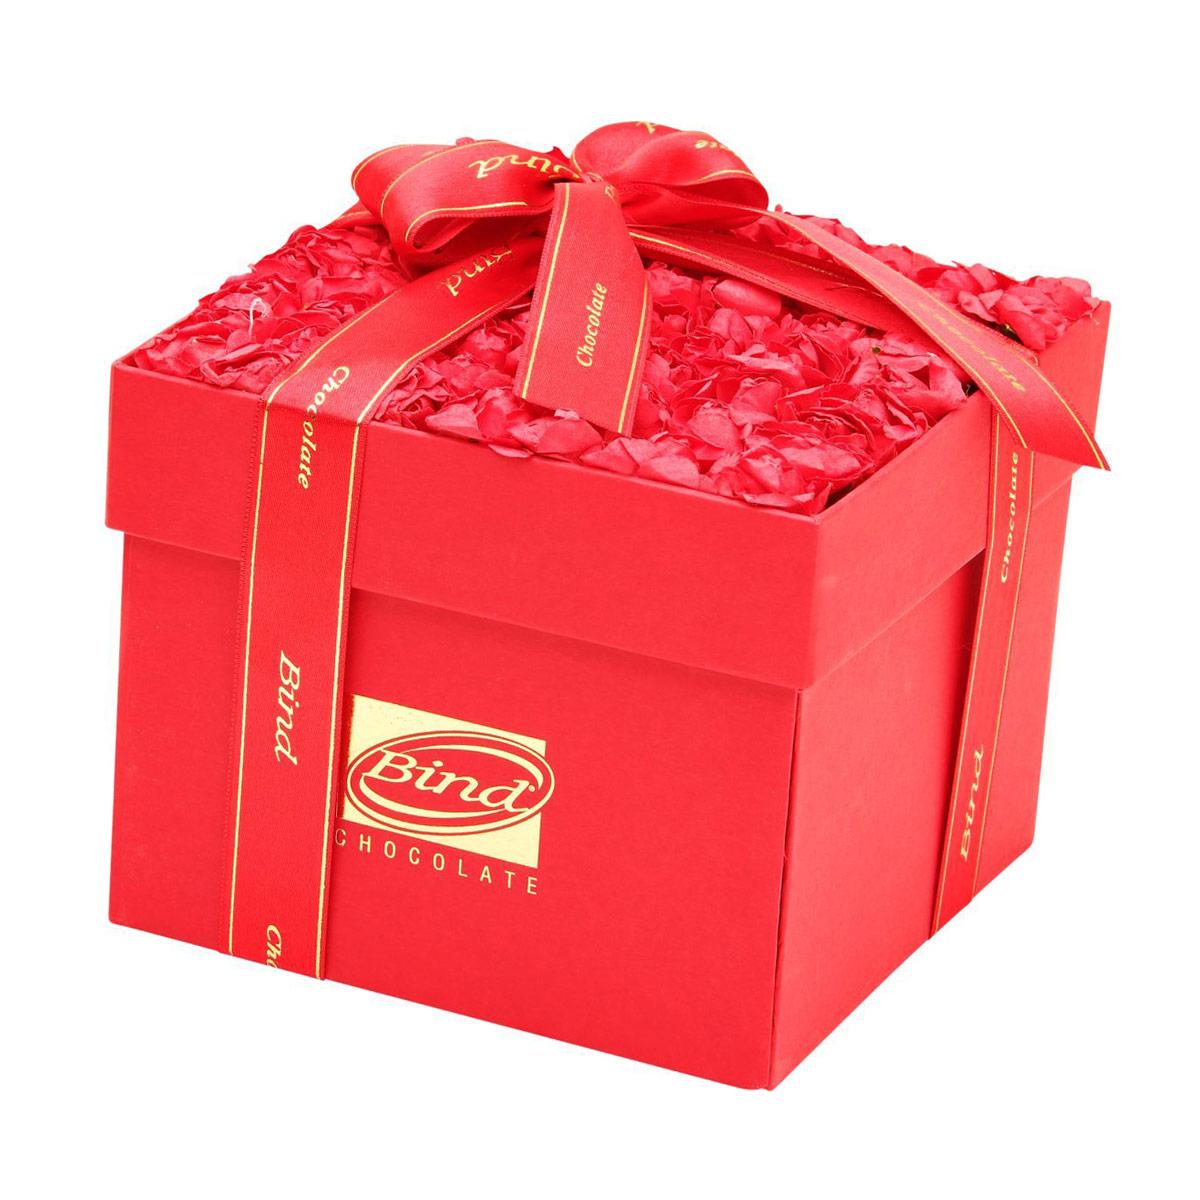 Bind Сюрприз набор шоколадных конфет